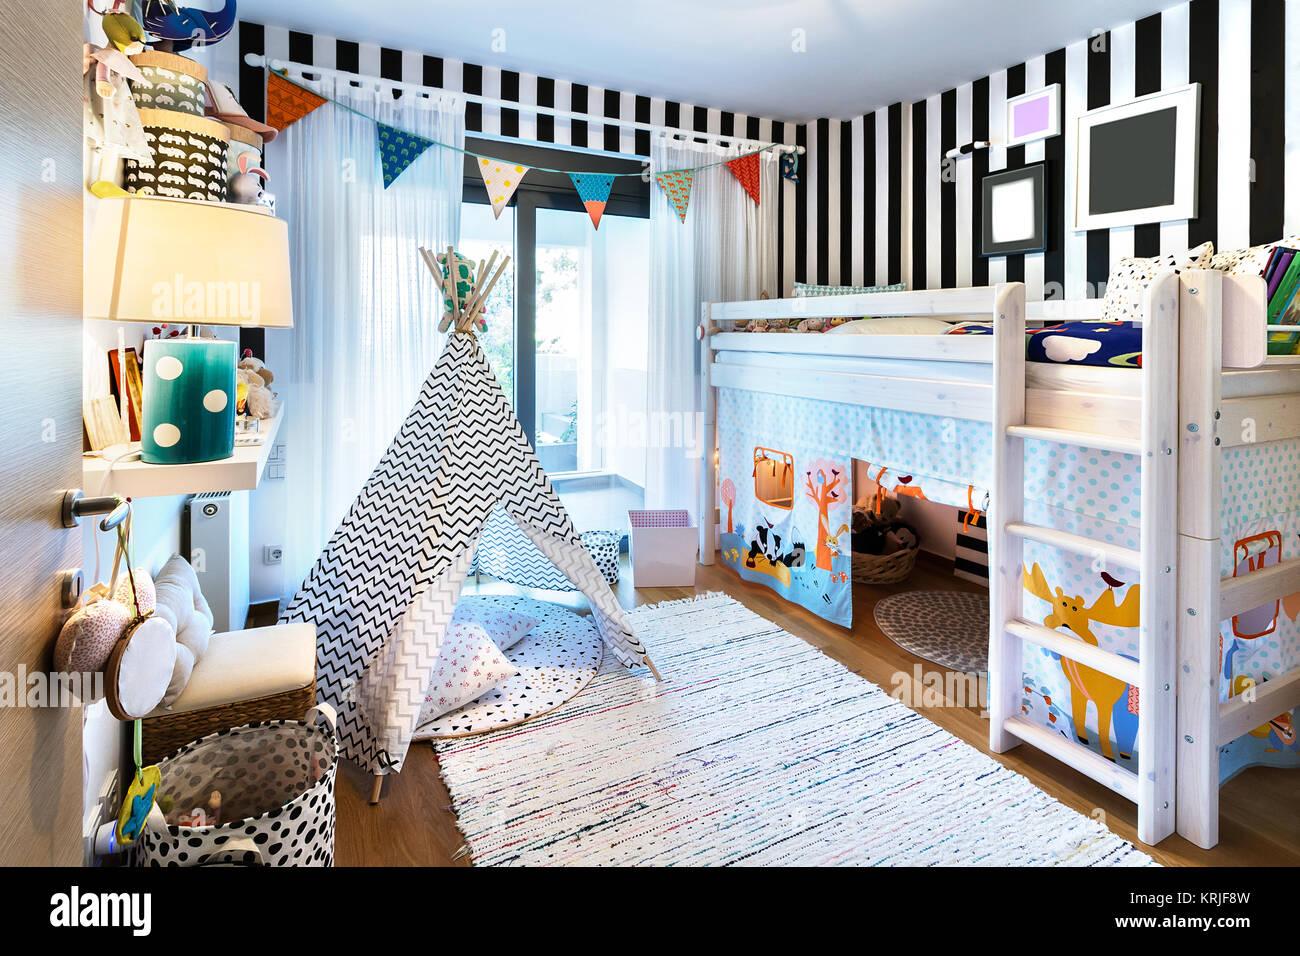 Camera Da Letto Da Bambino : Bambini la camera da letto con letto a castello letto in legno